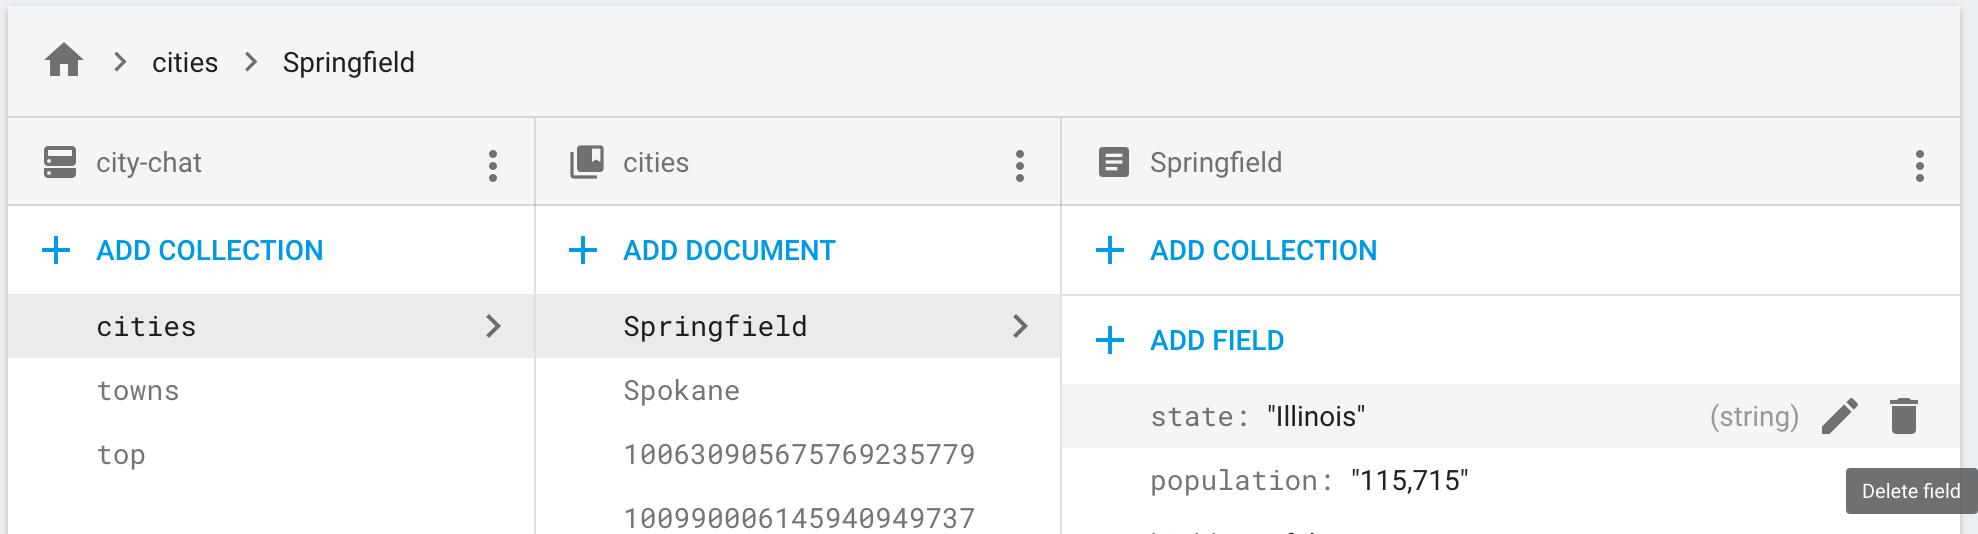 Haz clic en el ícono de borrar para quitar un campo de un documento